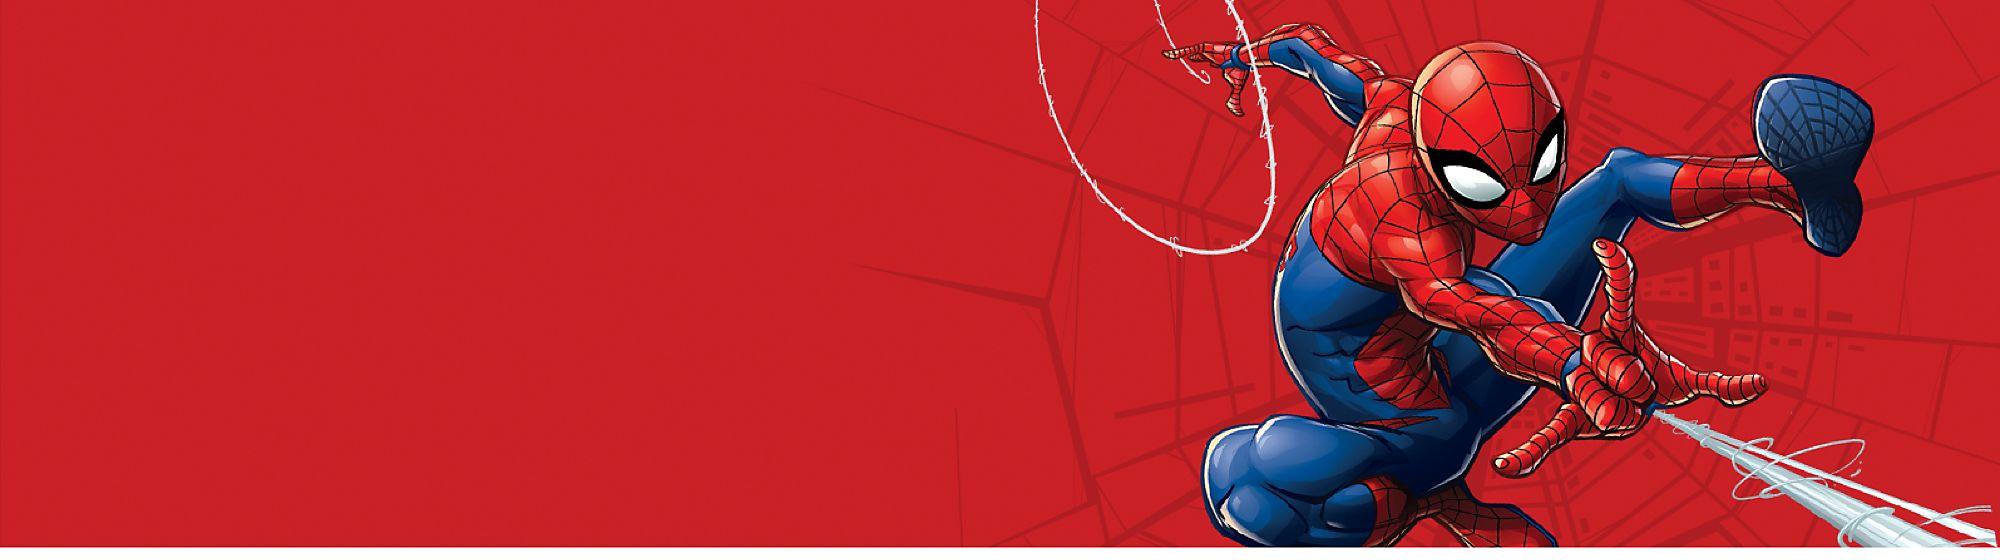 SPIDERMAN TRAINING ACADEMY Dienstag, den 20. August und Donnerstag, den 22. August zwischen 14 Uhr und 16 Uhr